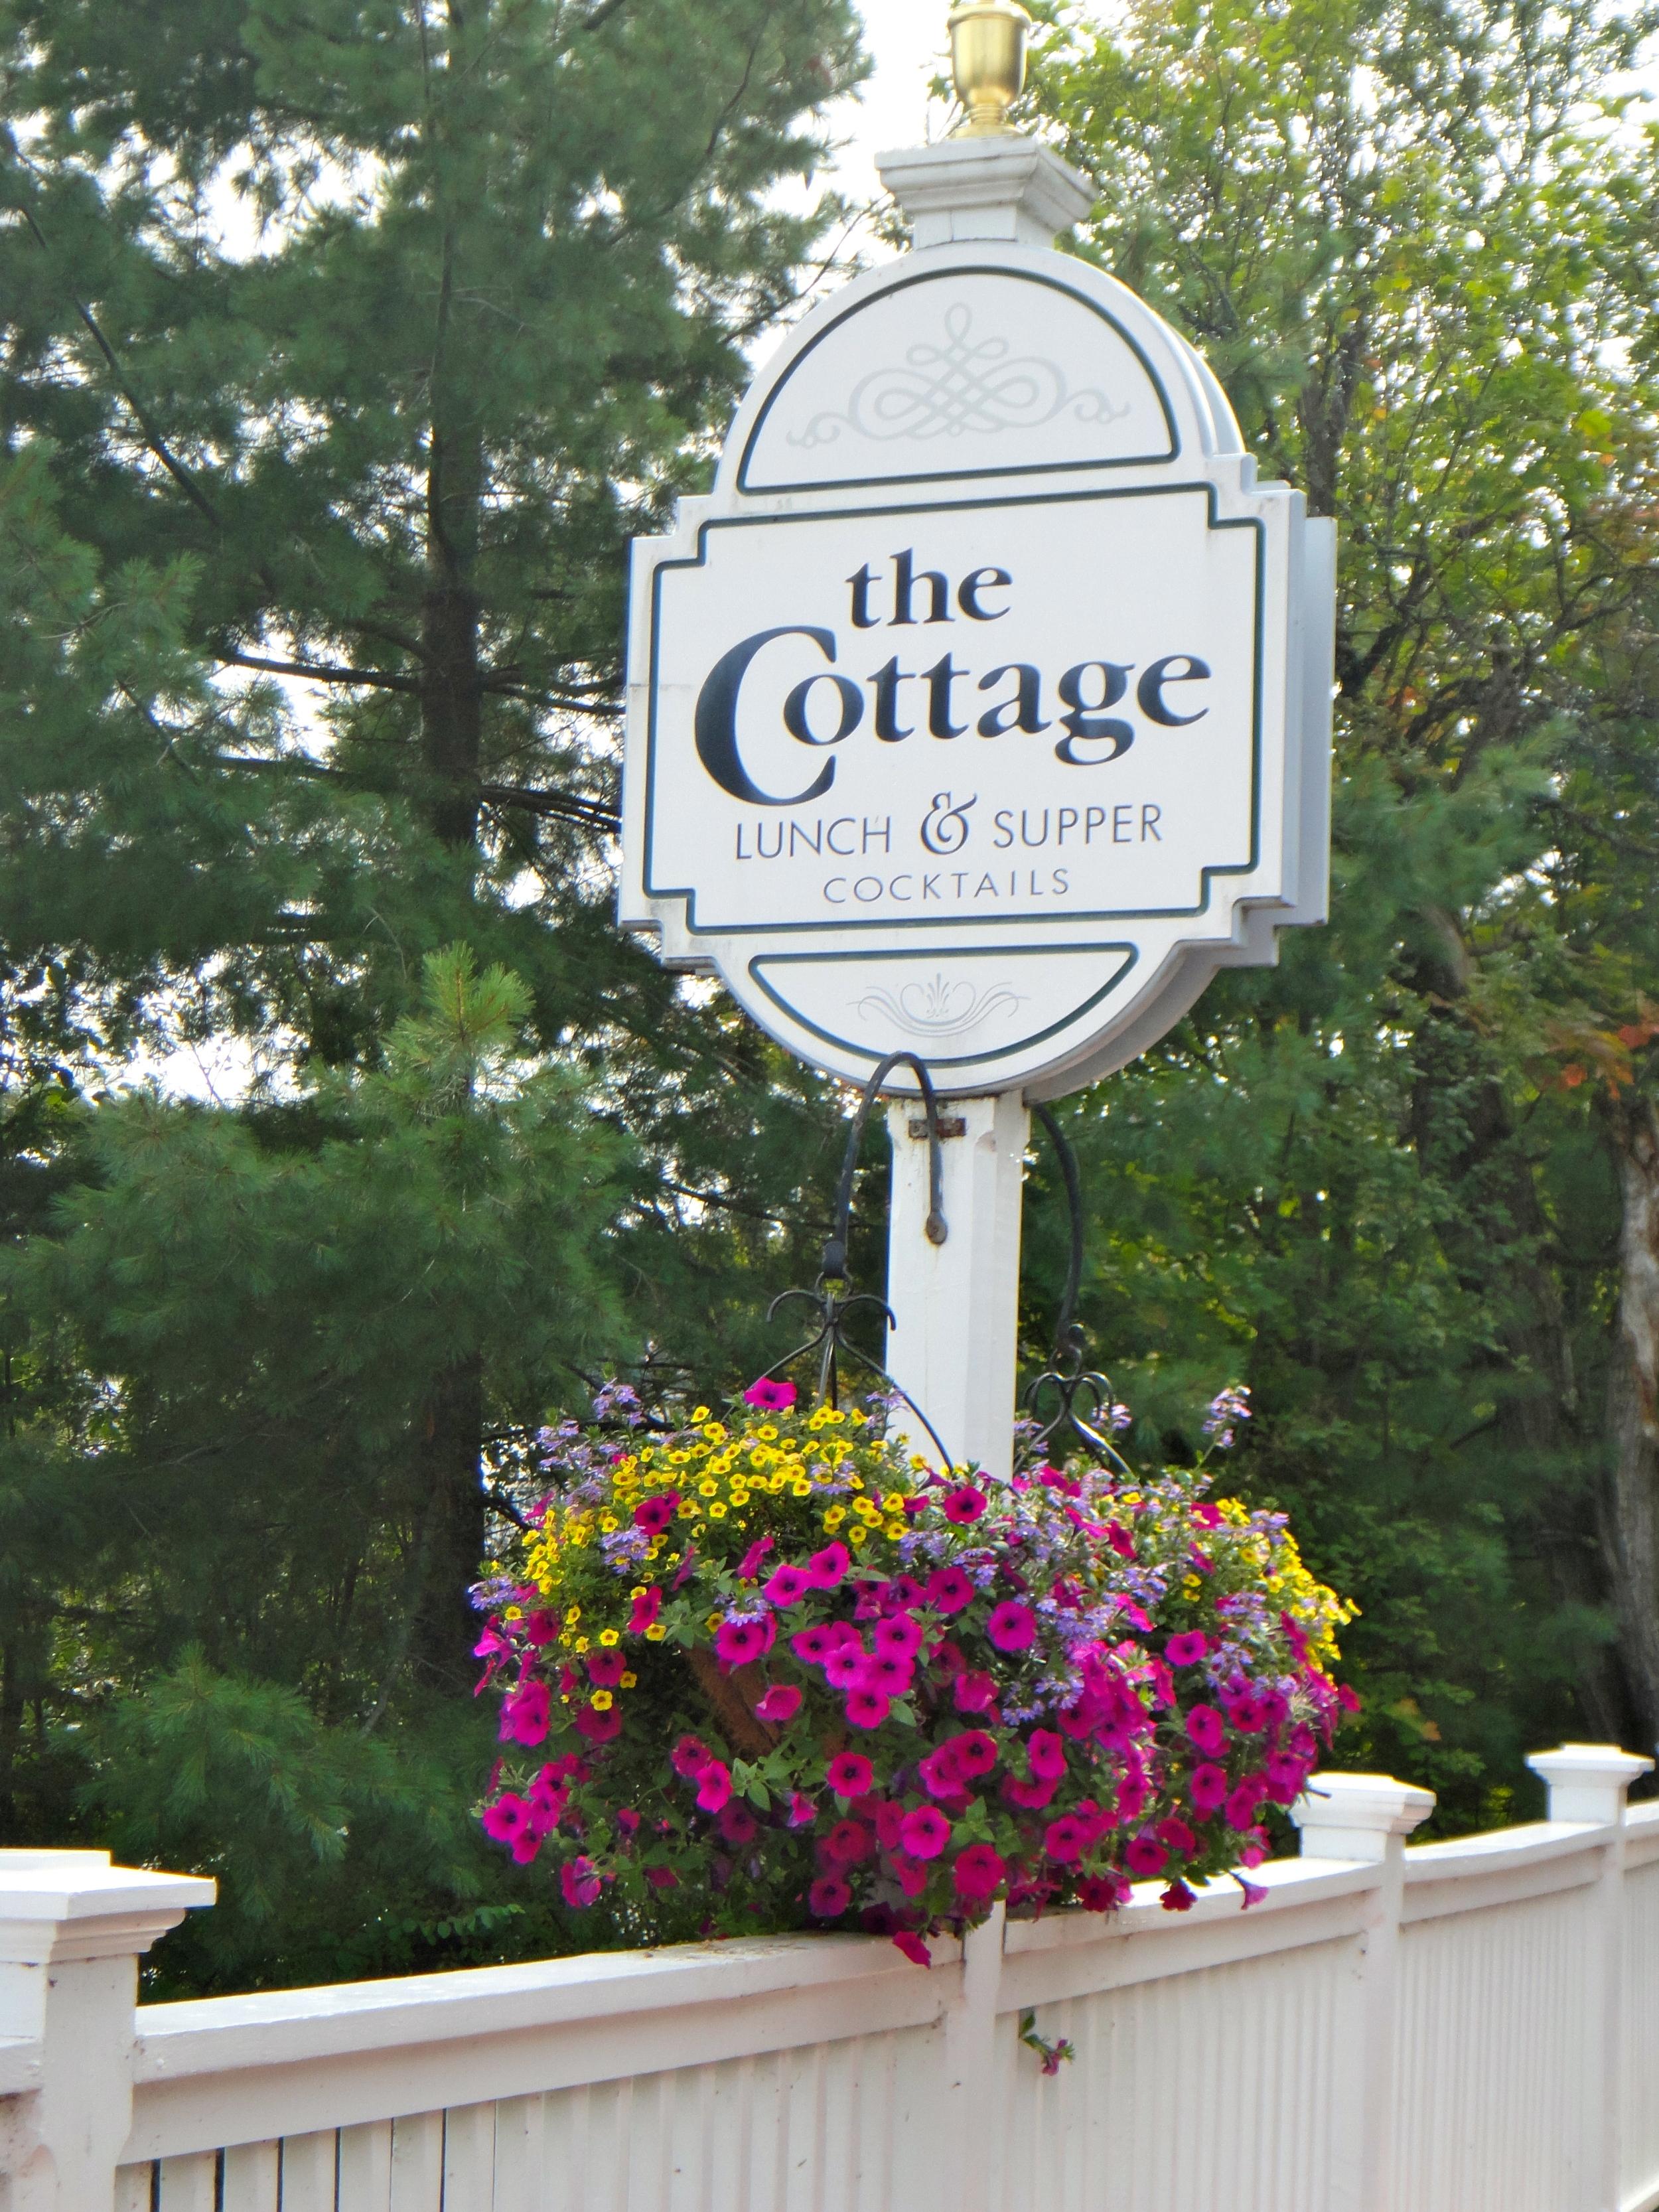 The Cottage signage